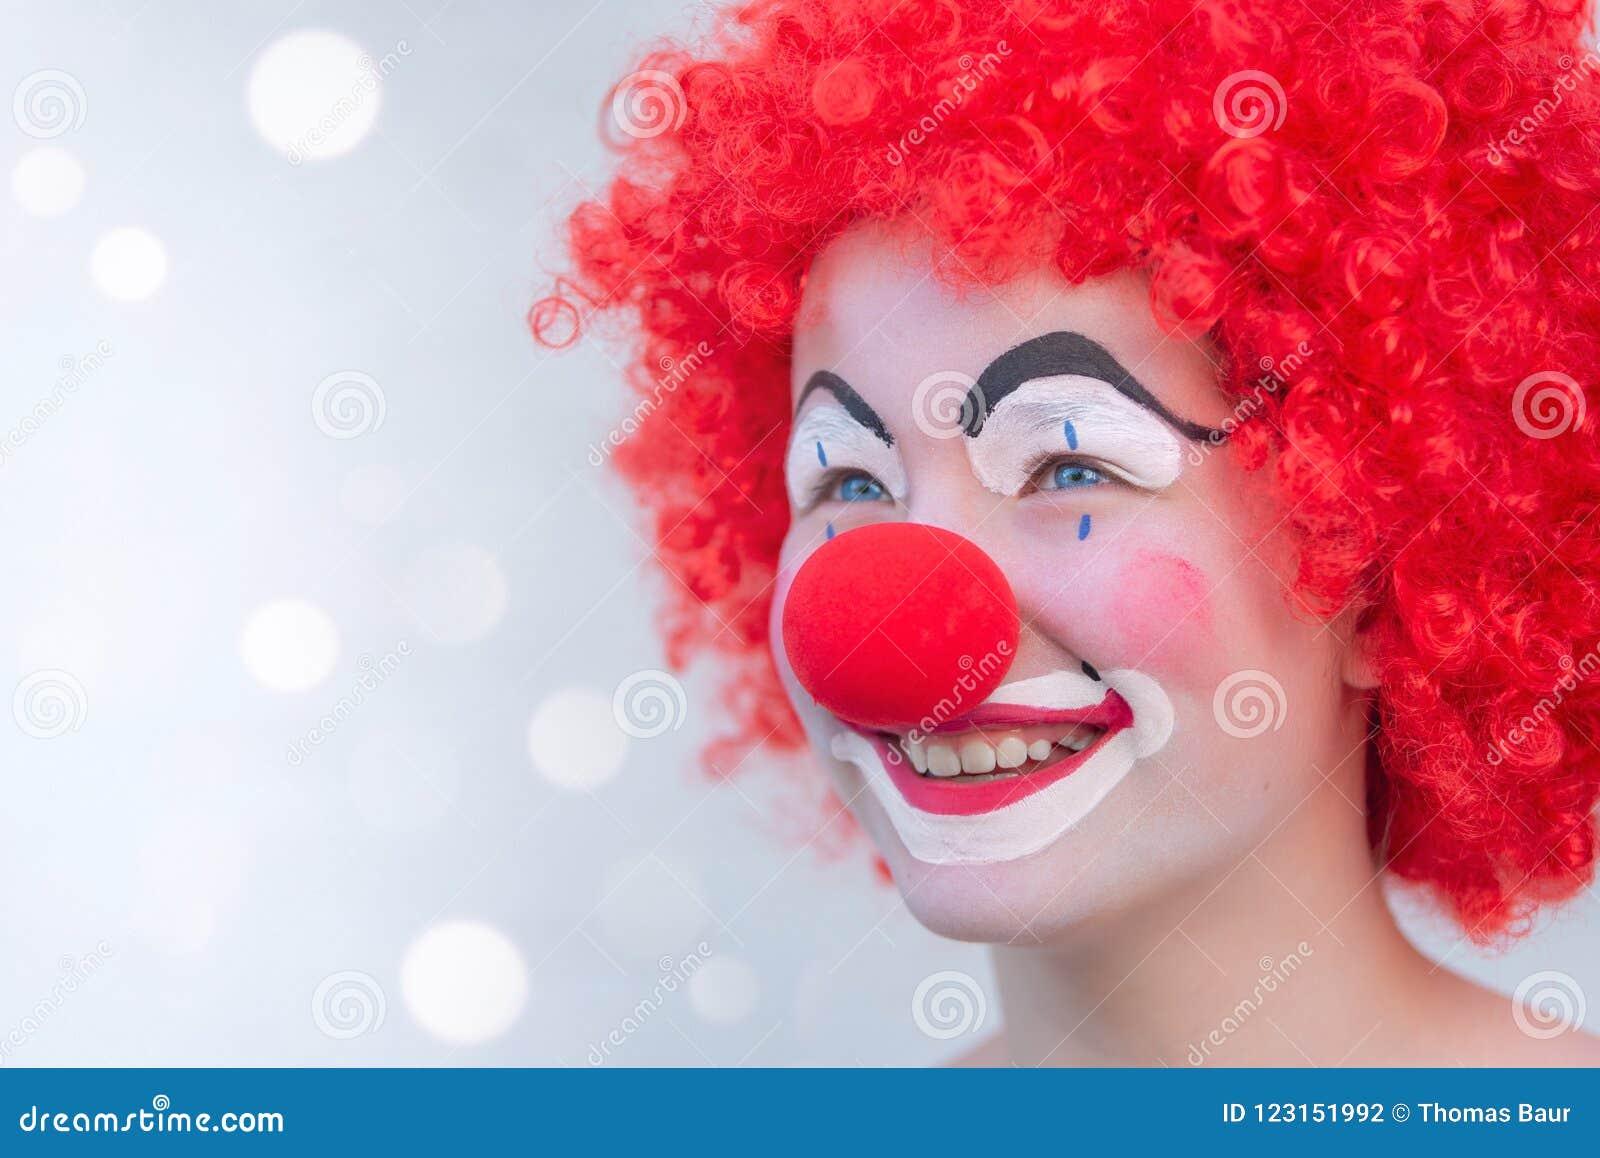 Lustiger Kinderclown, Der Mit Dem Roten Gelockten Haar Und